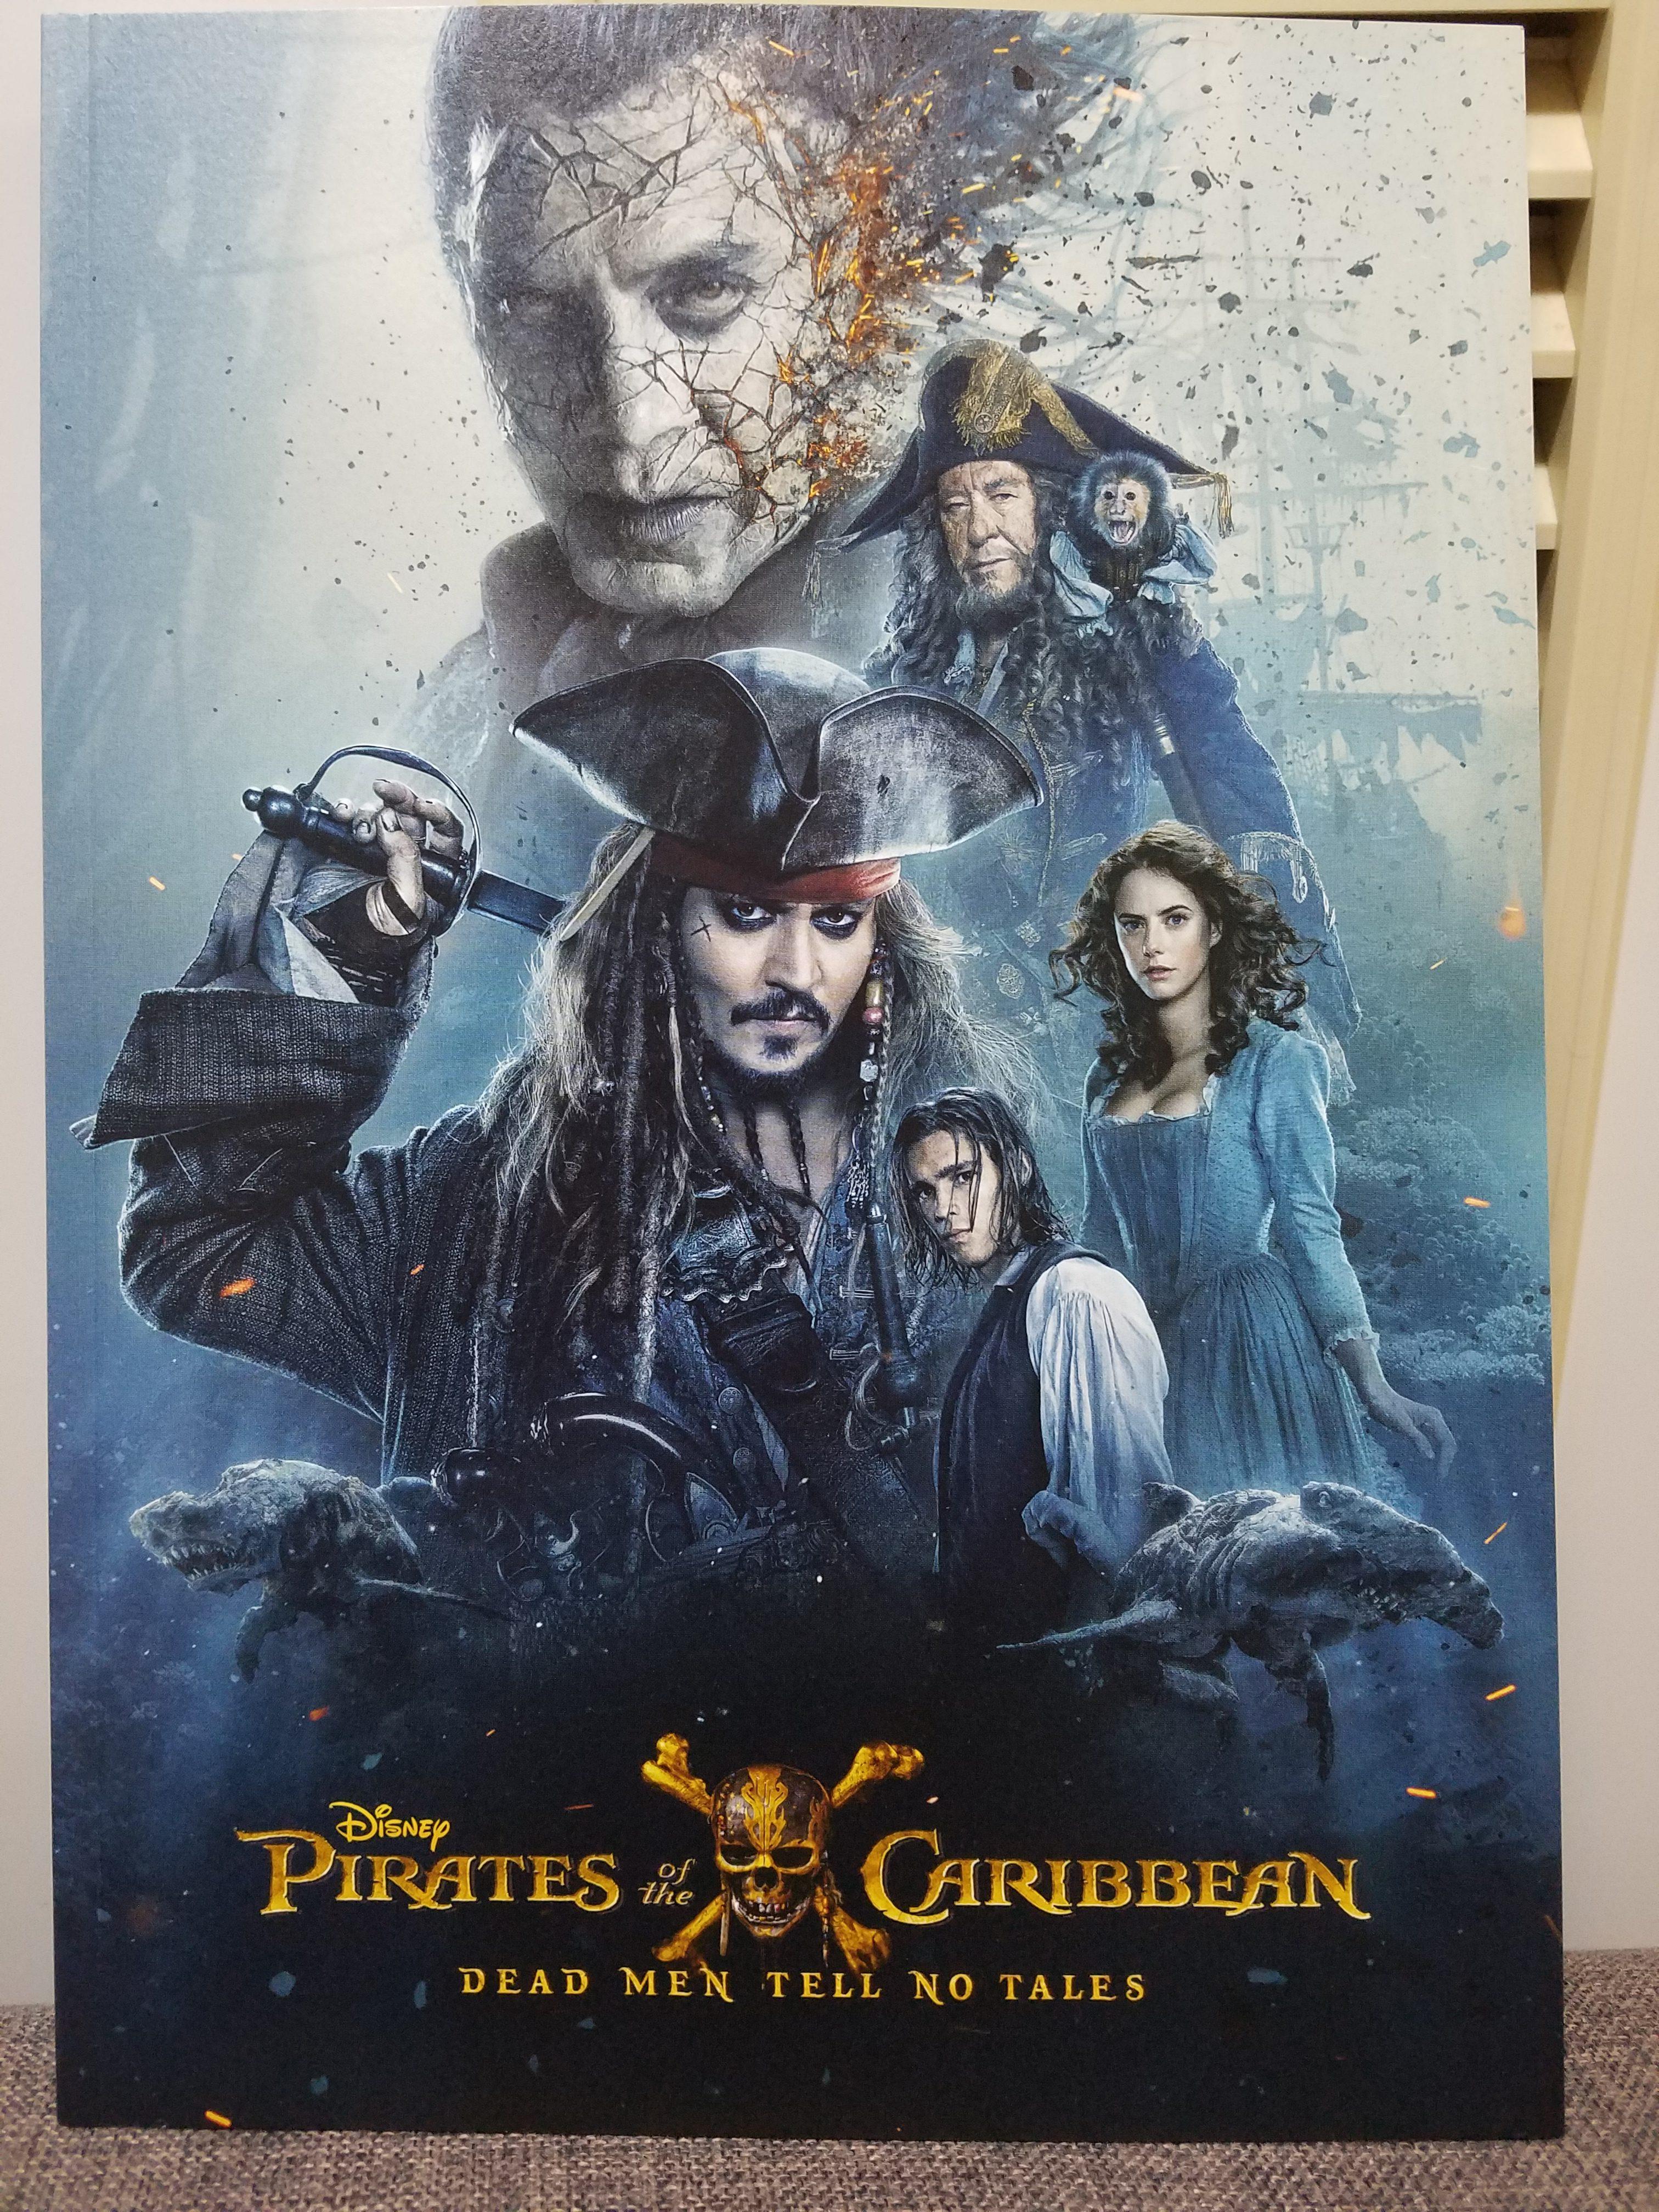 『パイレーツ・オブ・カリビアン:最後の海賊』を観てきた感想!※ネタバレ注意